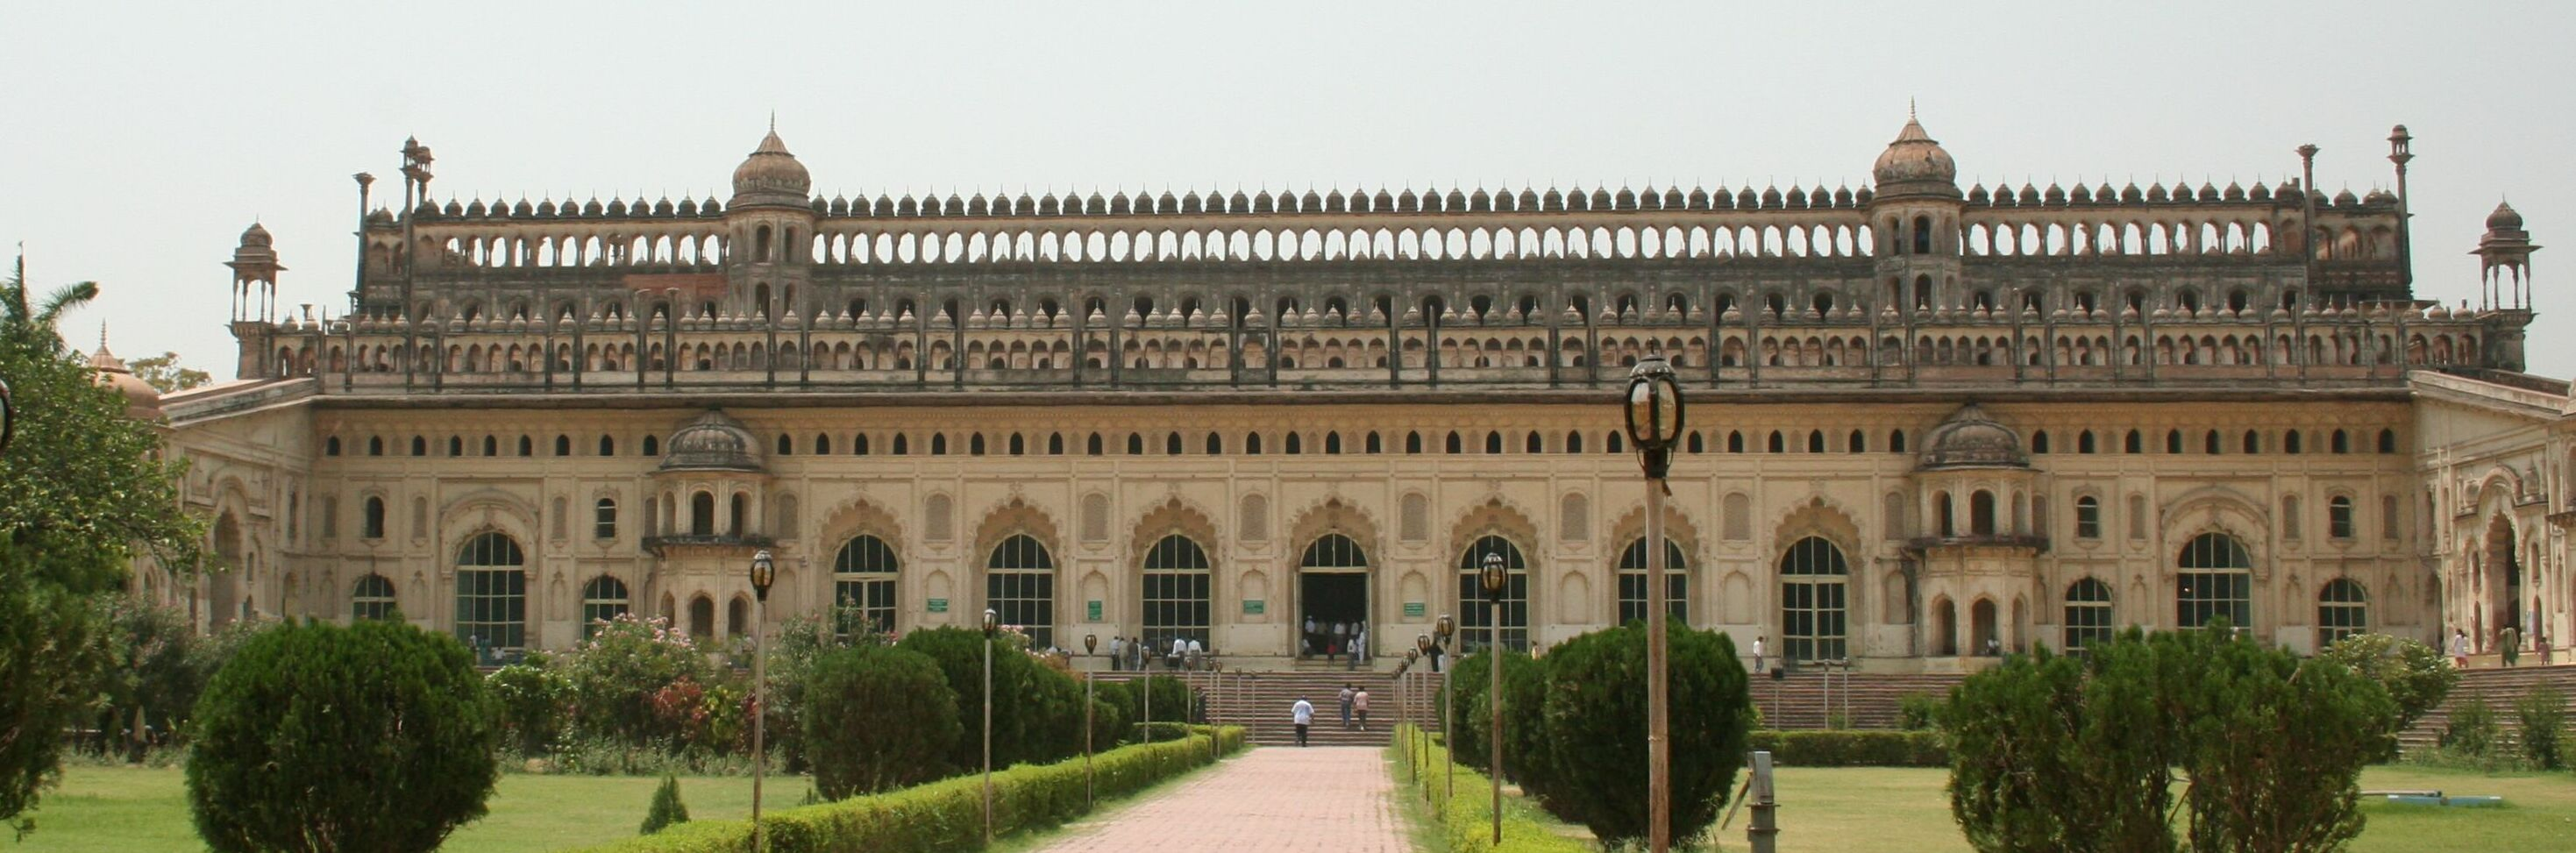 Bara Imambara facade, Lucknow India